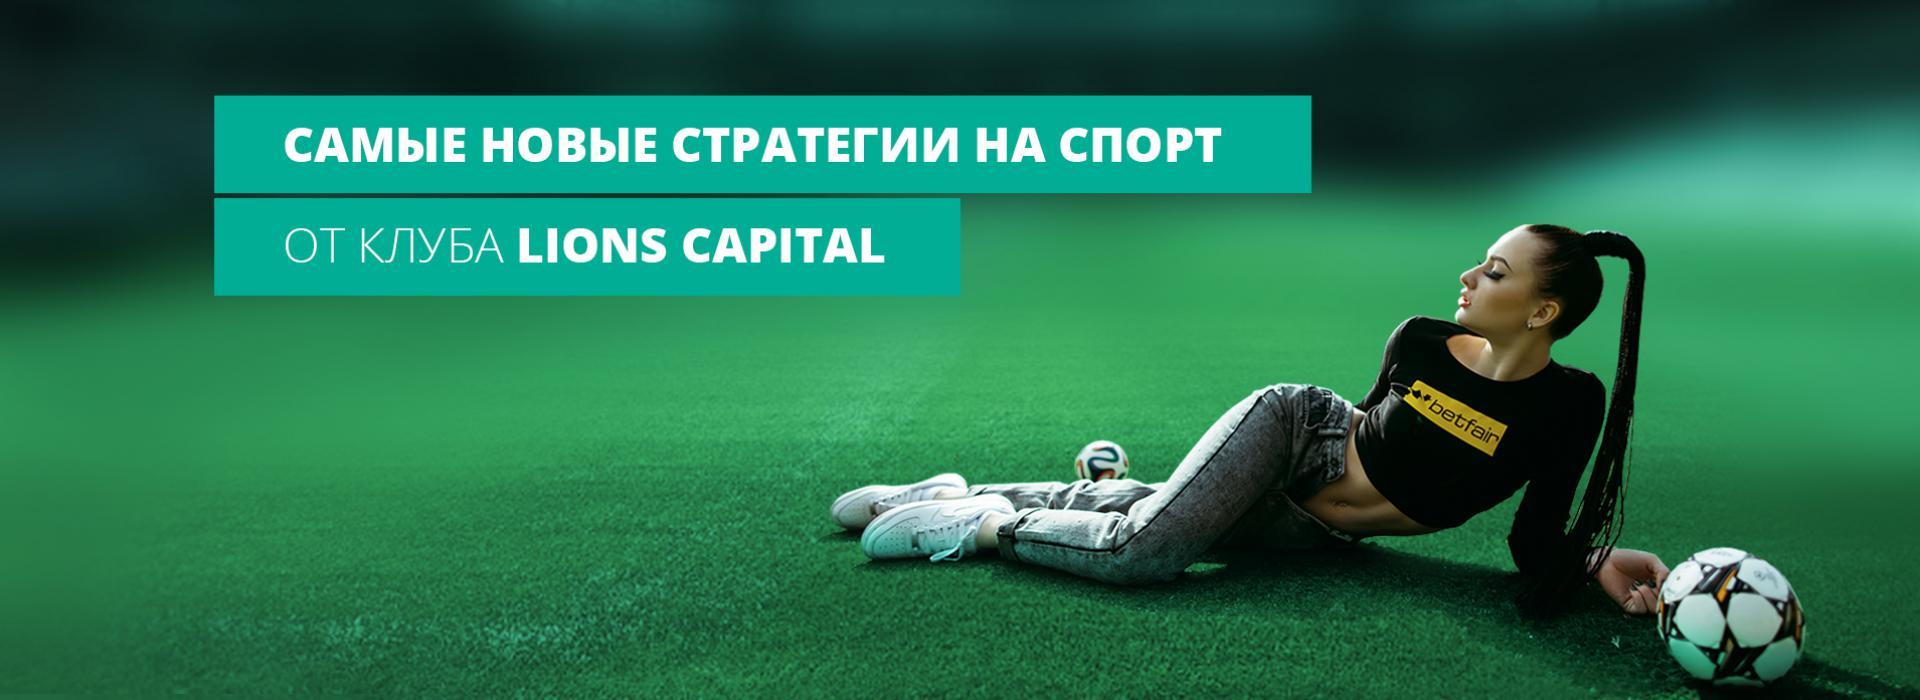 Самые лучшие прогнозы на спорт сегодня как заработать небольшой доход в интернете